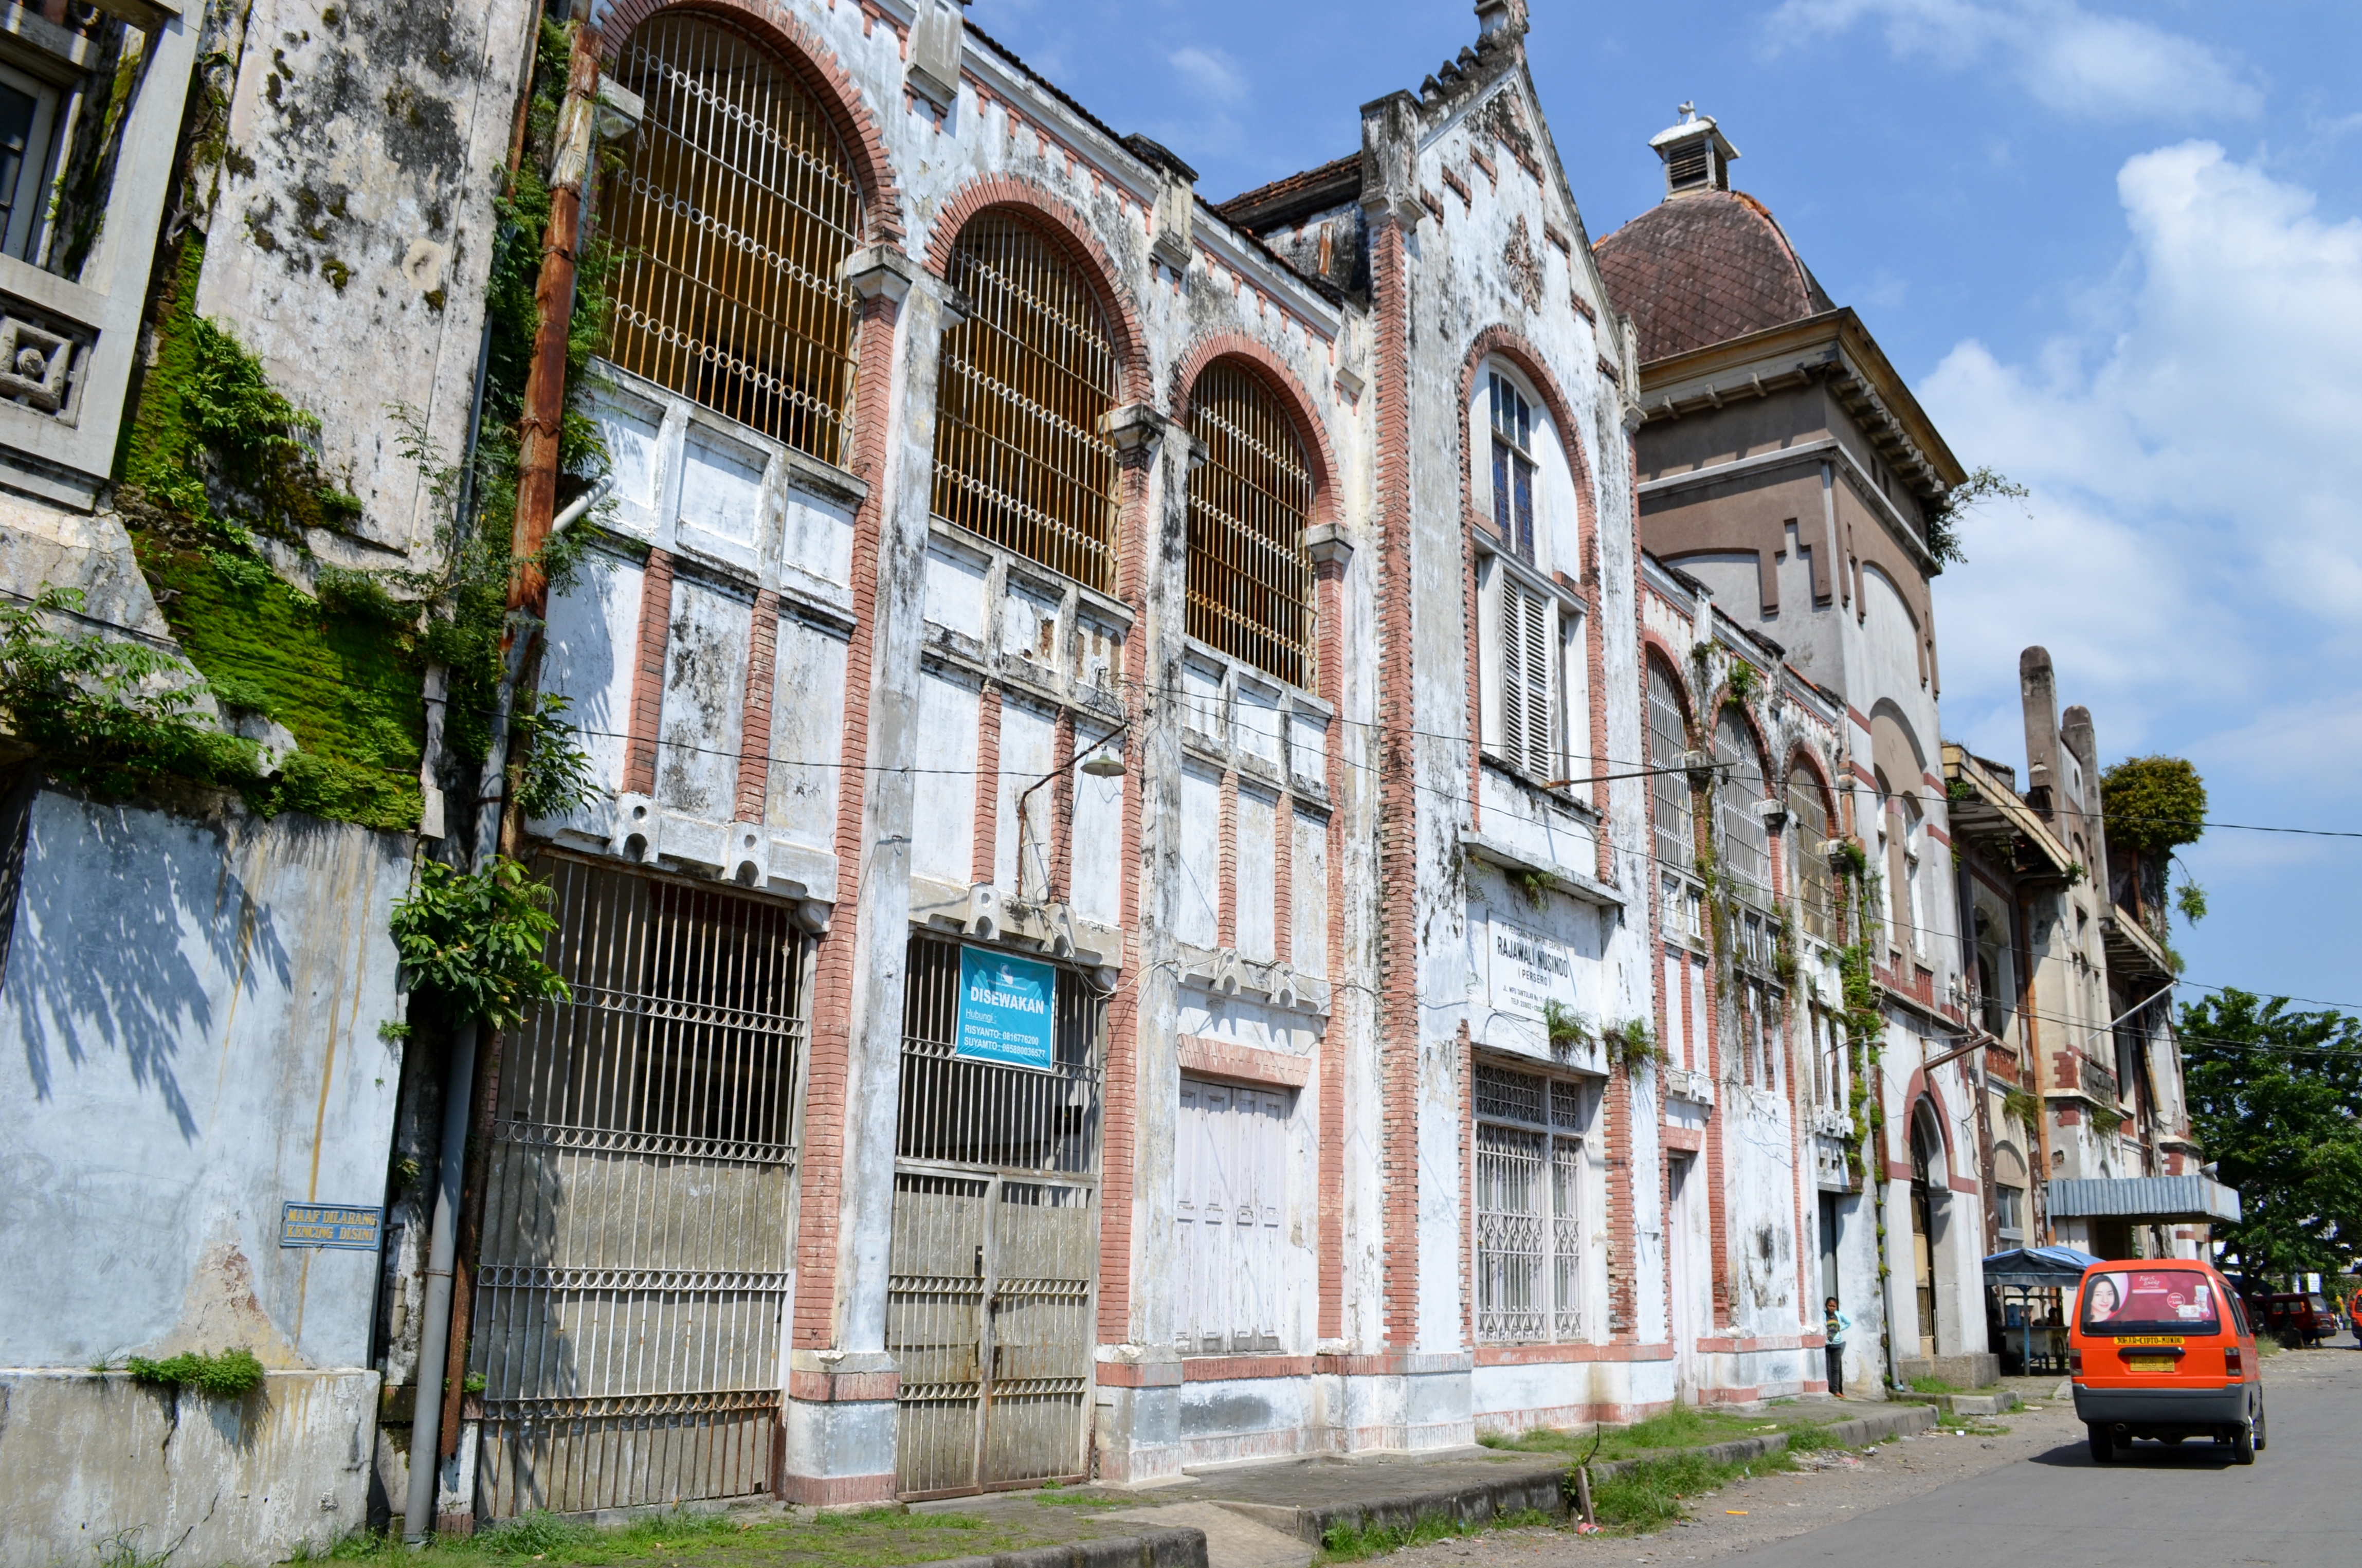 Tempat wisata di Semarang - Kota Lama Semarang